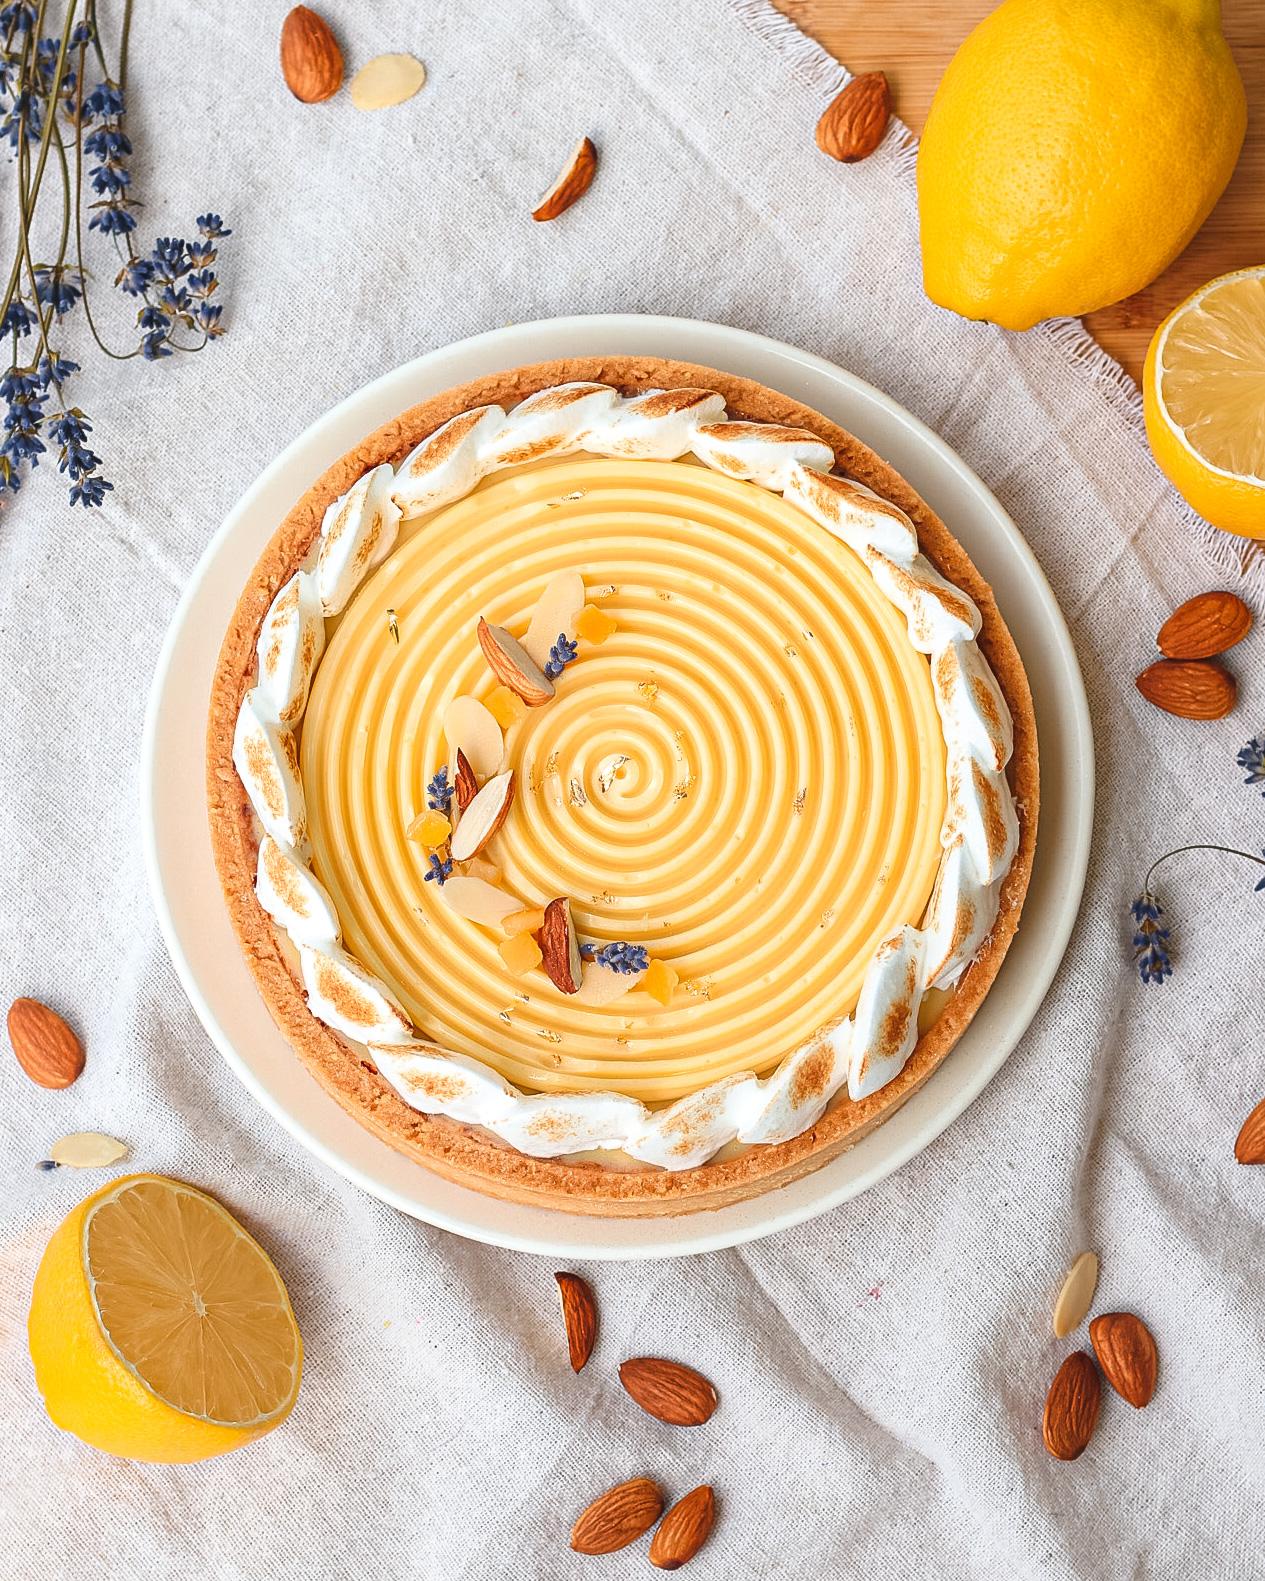 crostata al limone moderna vista dall'alto